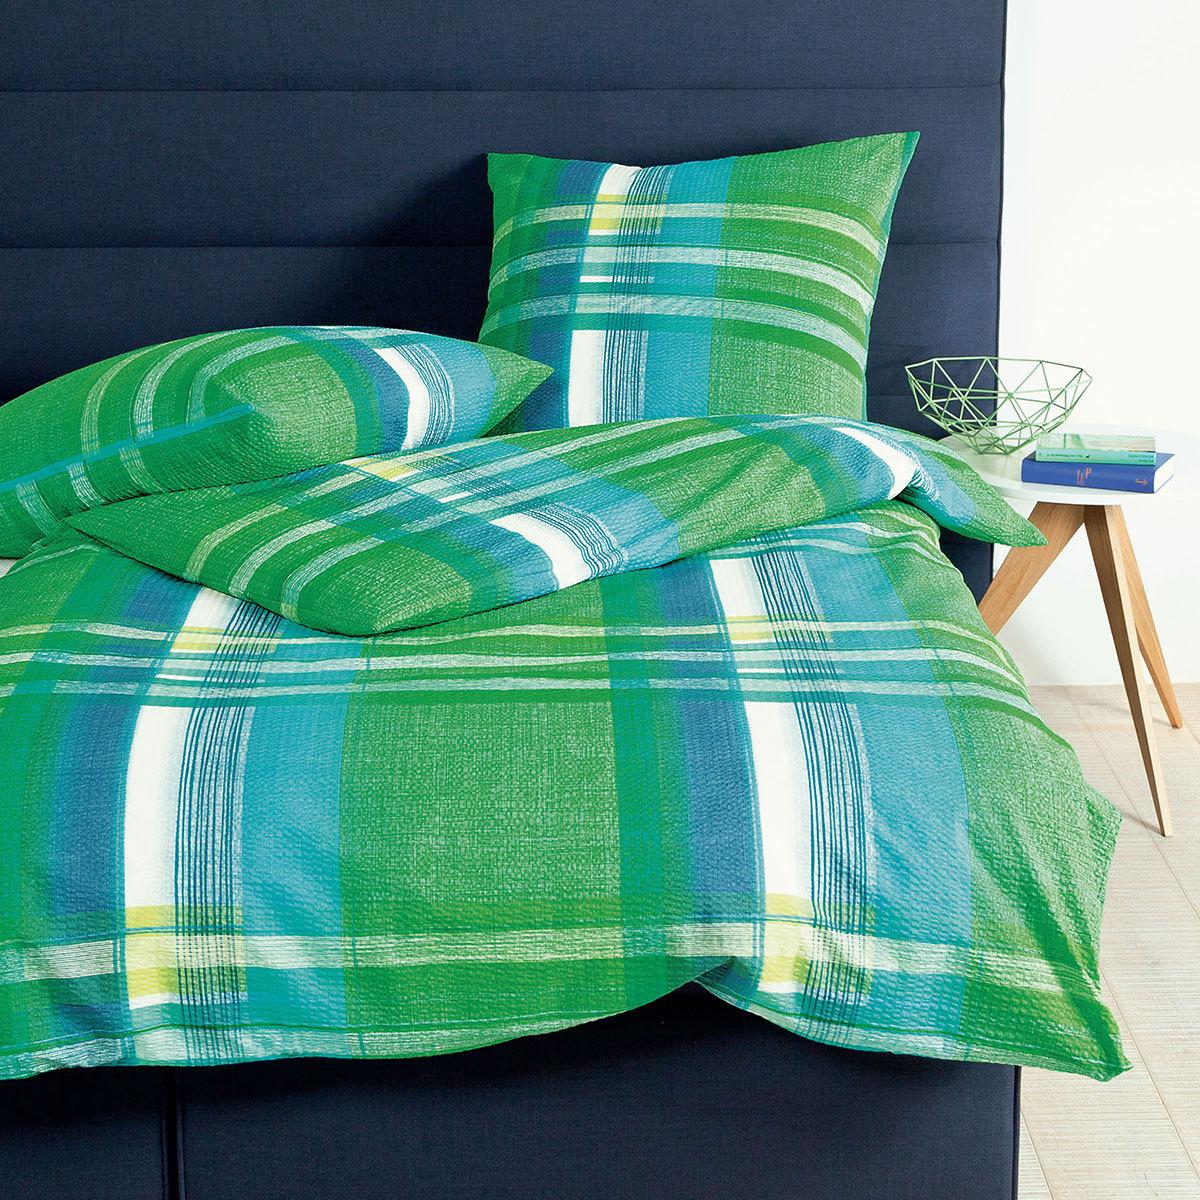 janine seersucker bettw sche tango 20018 06 gr n g nstig online kaufen bei bettwaren shop. Black Bedroom Furniture Sets. Home Design Ideas